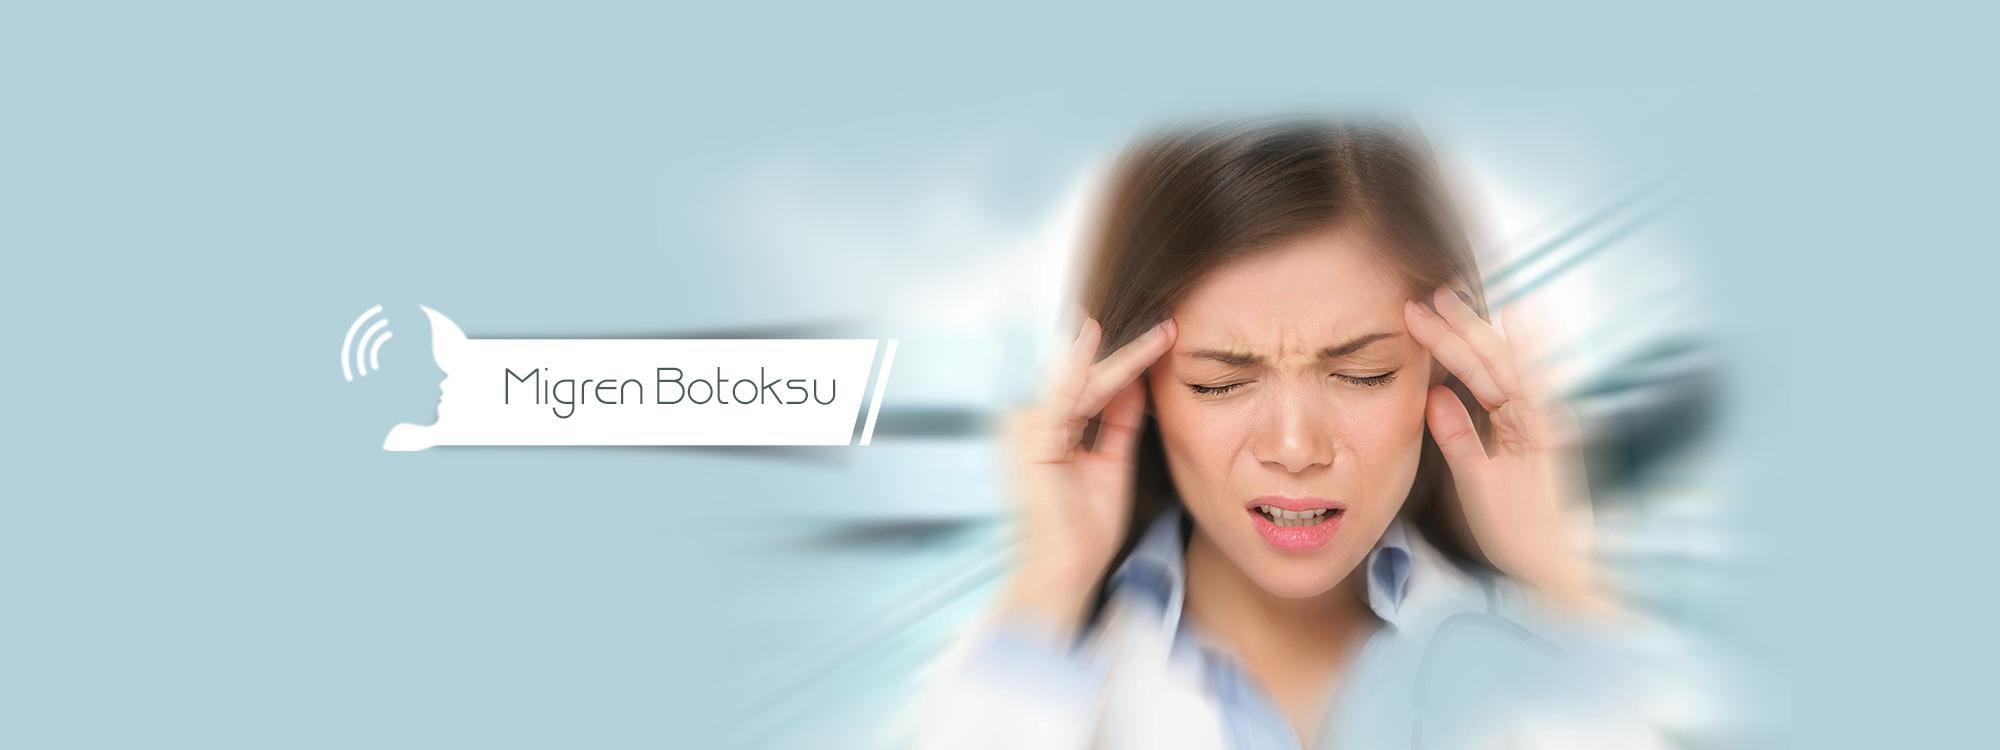 migren-botoksu